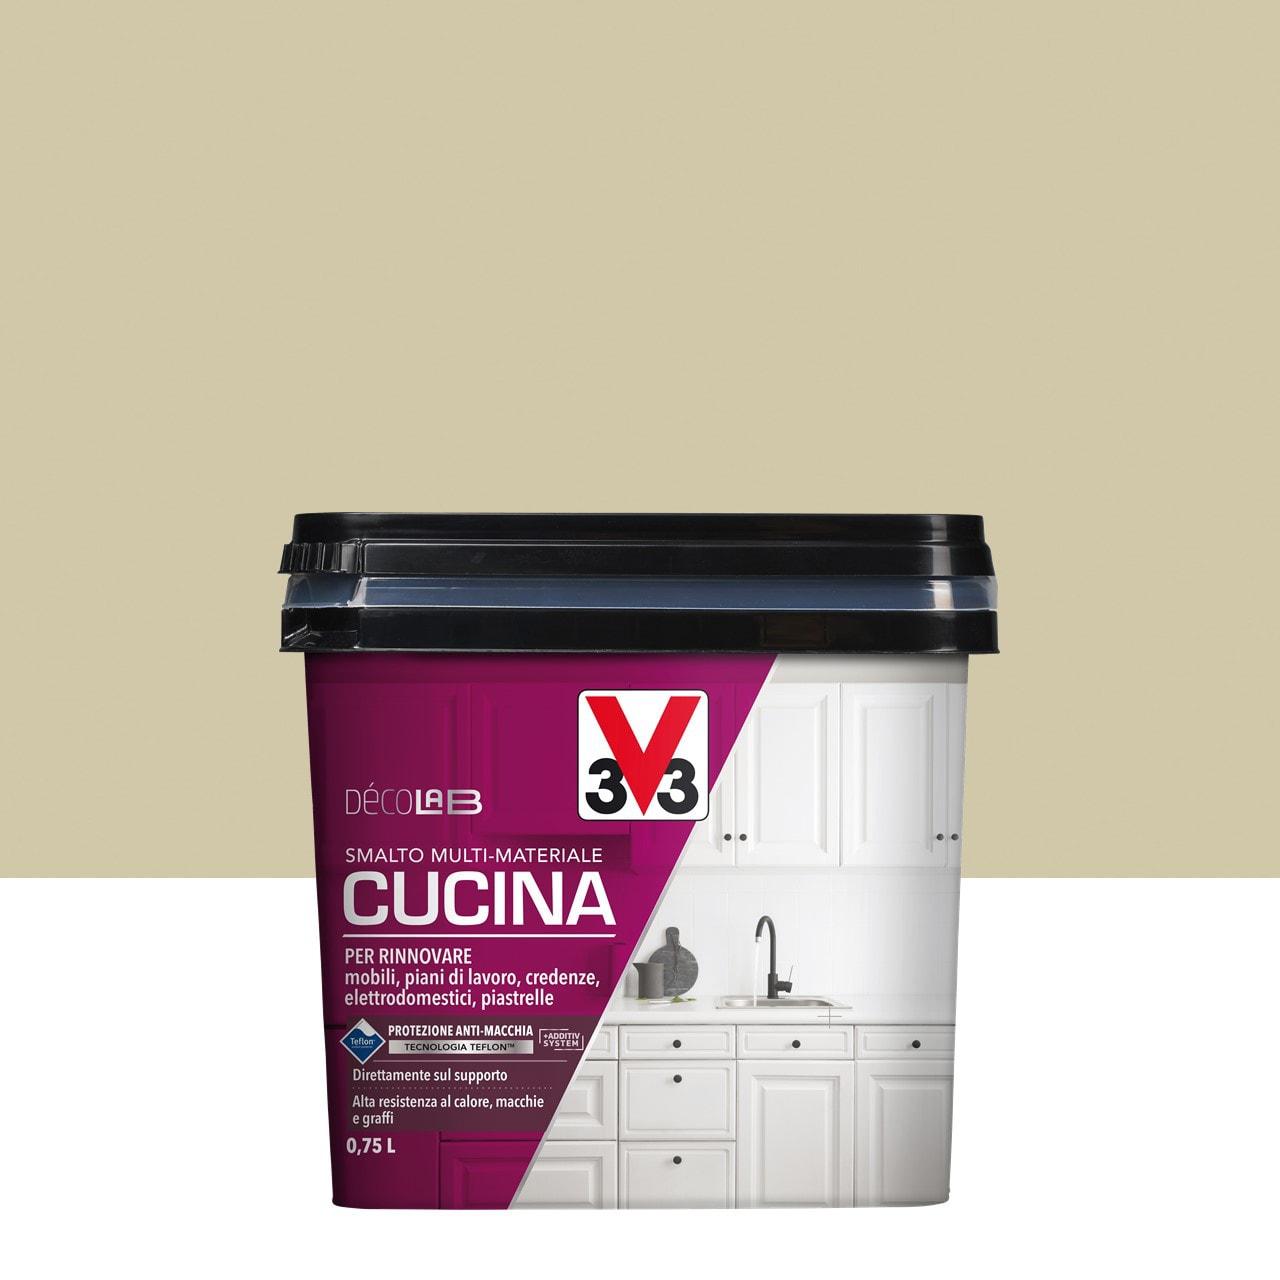 Pittura Resistente Ai Graffi smalto mobile cucina v33 0.75 l argilla